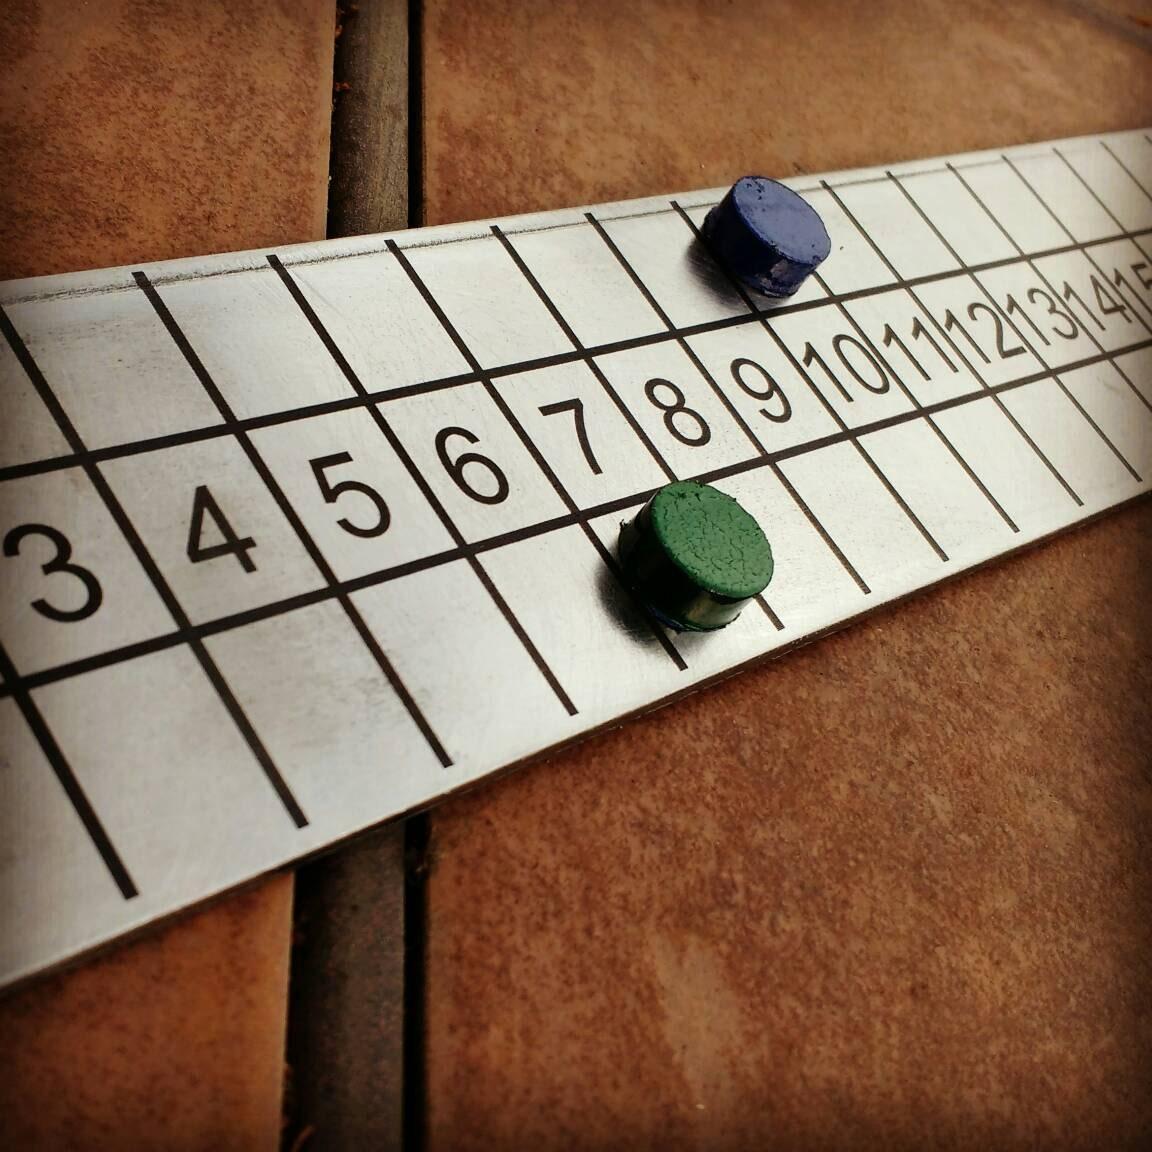 board score board game outdoor backyard steel